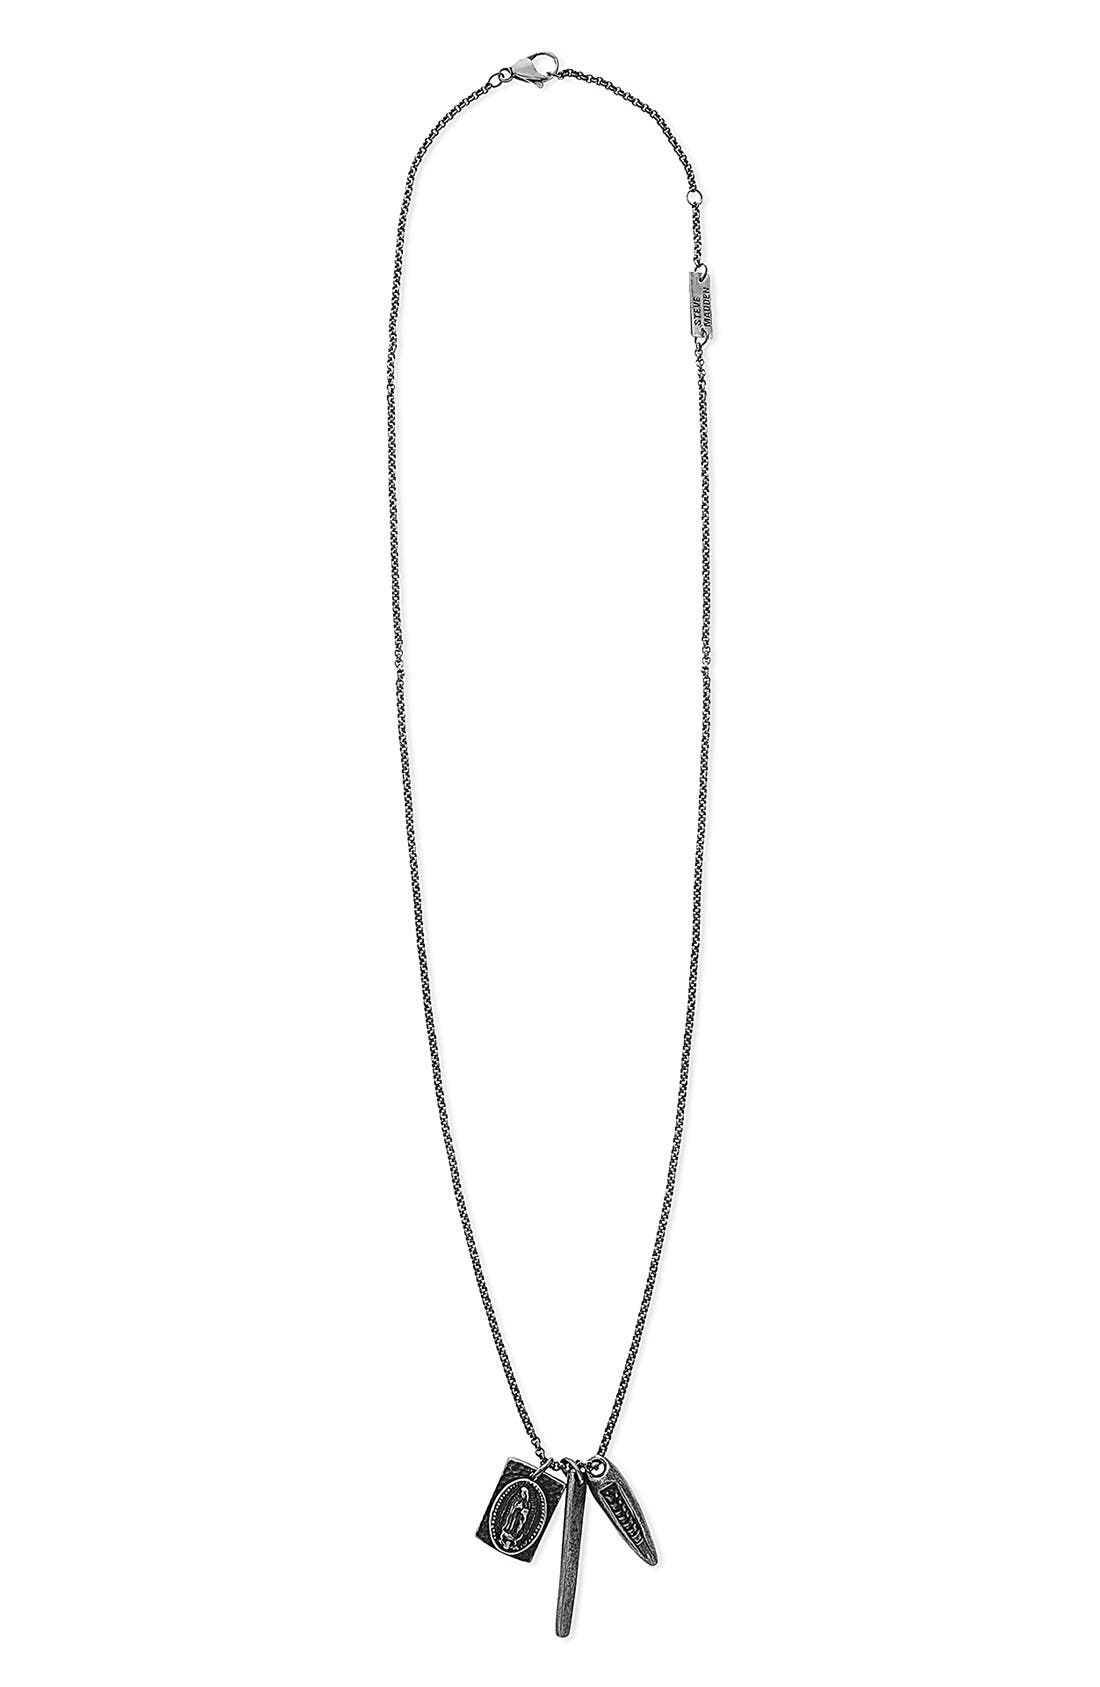 Triple Pendant Necklace,                             Main thumbnail 1, color,                             040